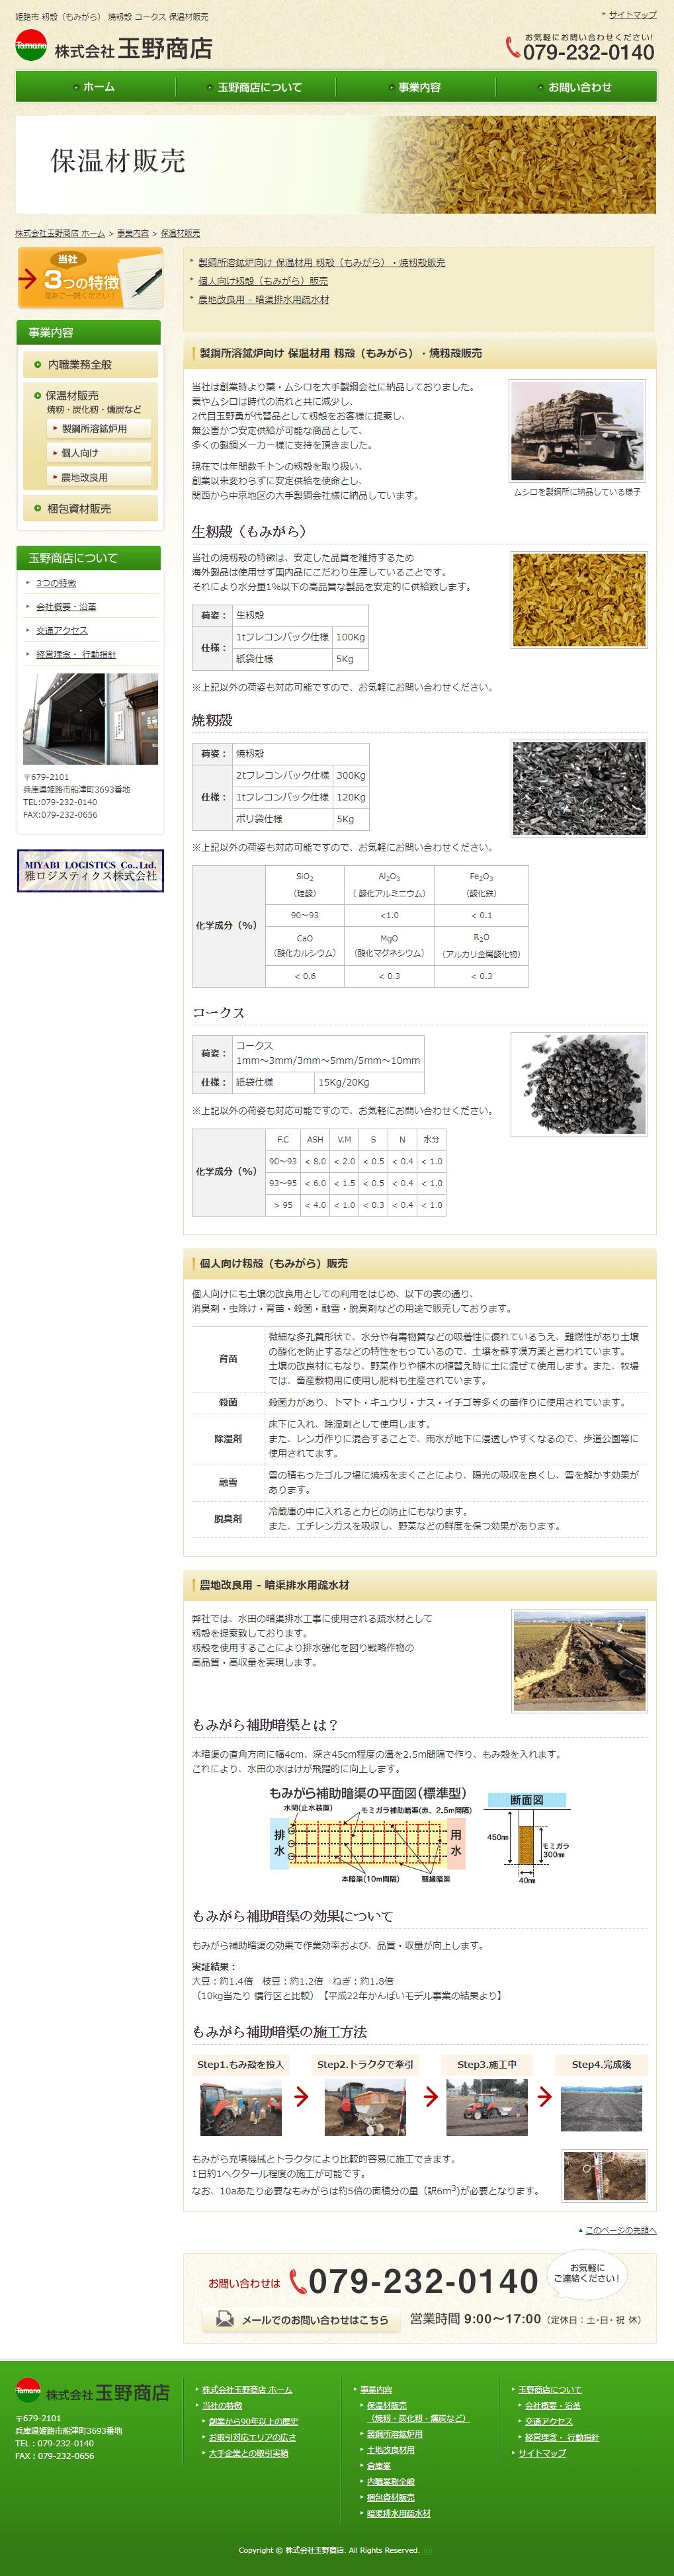 玉野商店様 会社ホームページ2